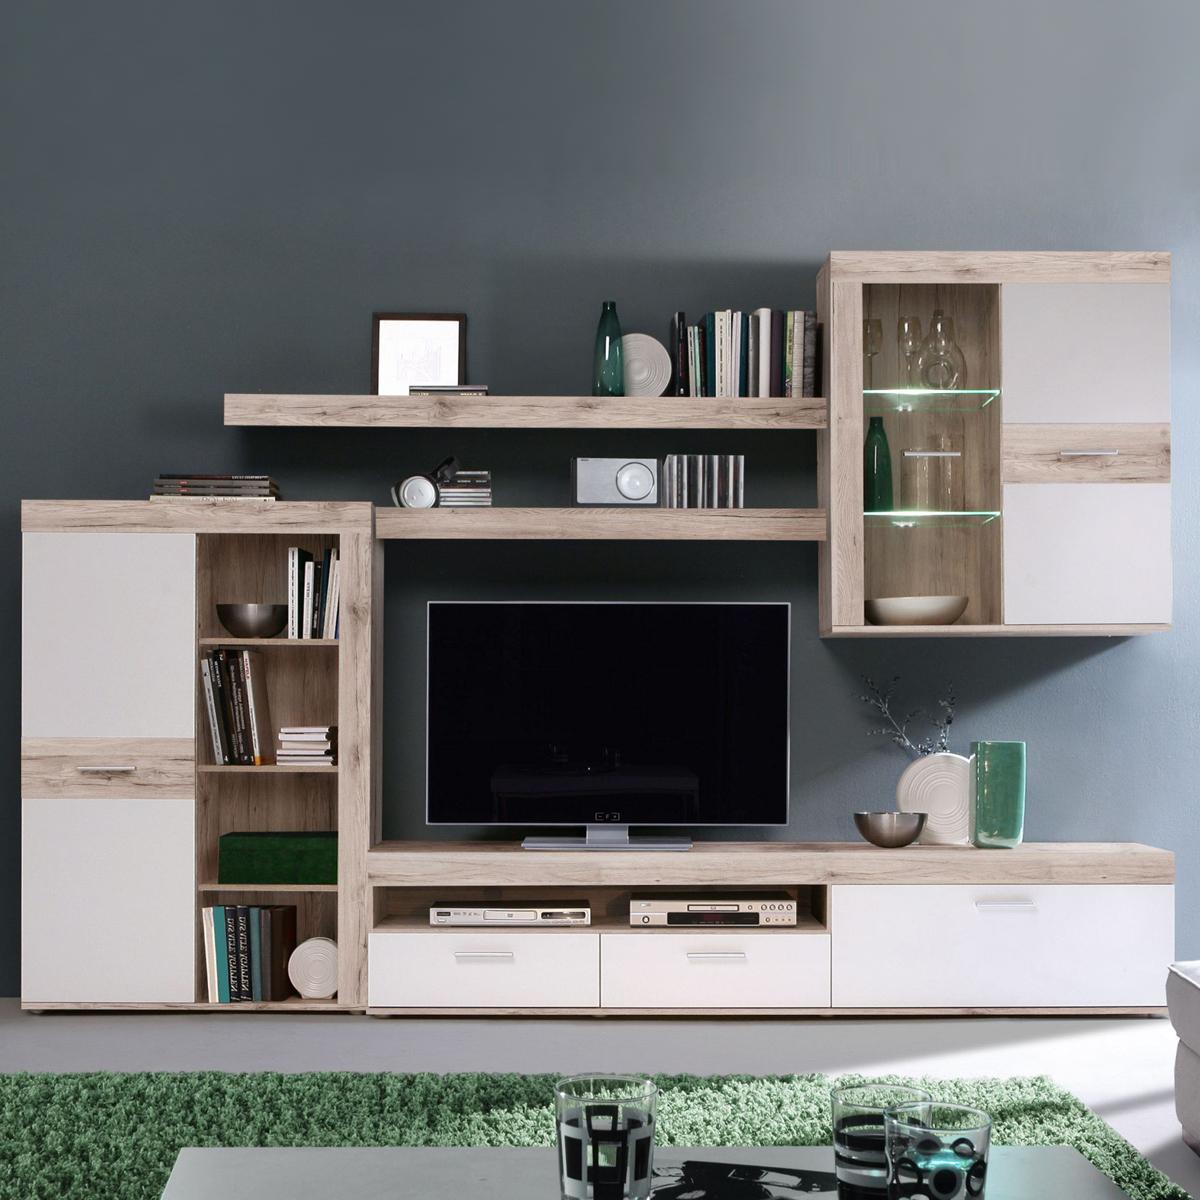 wohnwand zumba wohnzimmer anbauwand in sandeiche wei mit beleuchtung ebay. Black Bedroom Furniture Sets. Home Design Ideas